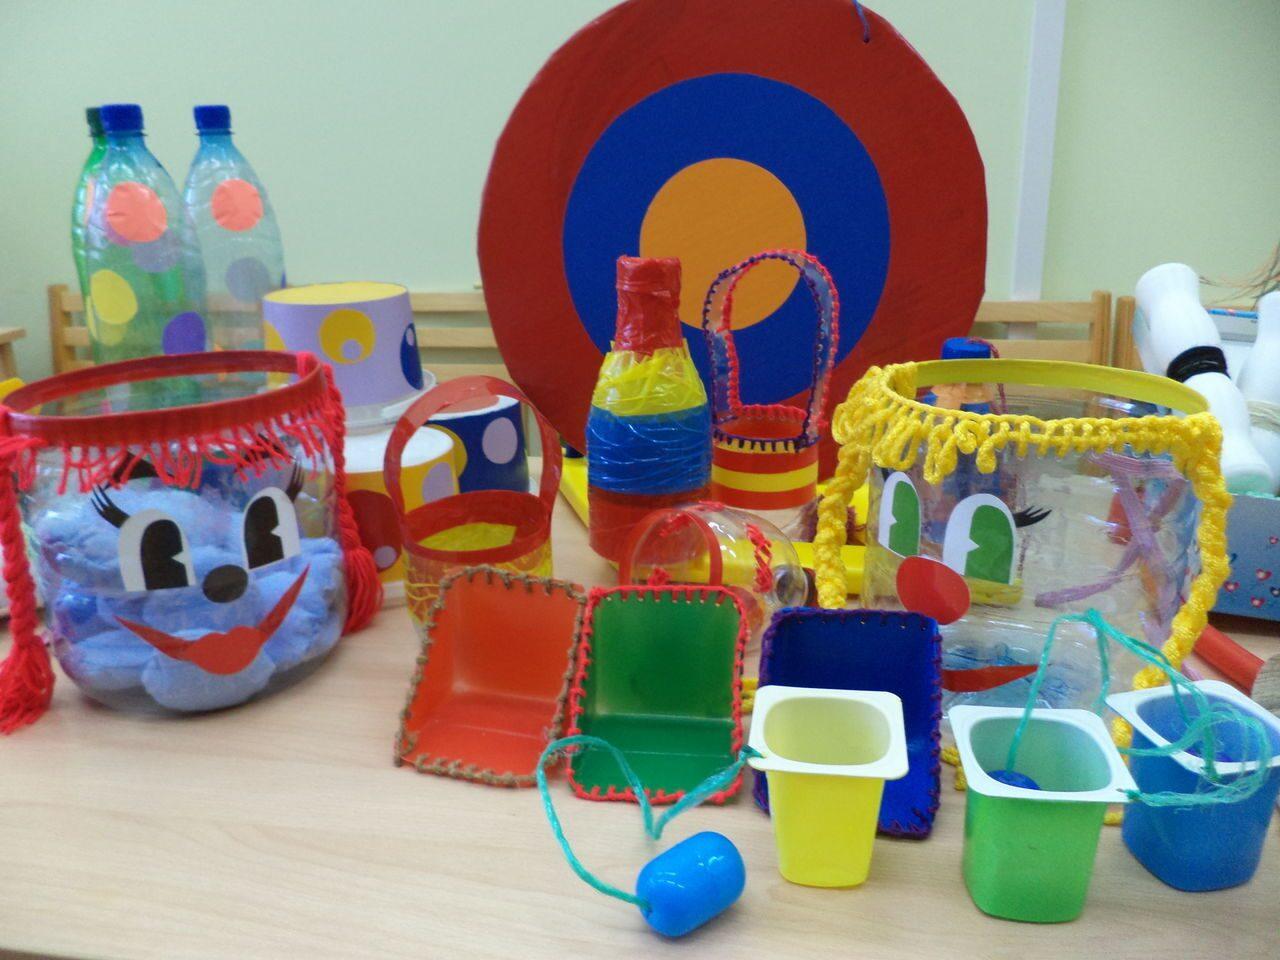 Оборудование для детского сада сделанное своими руками